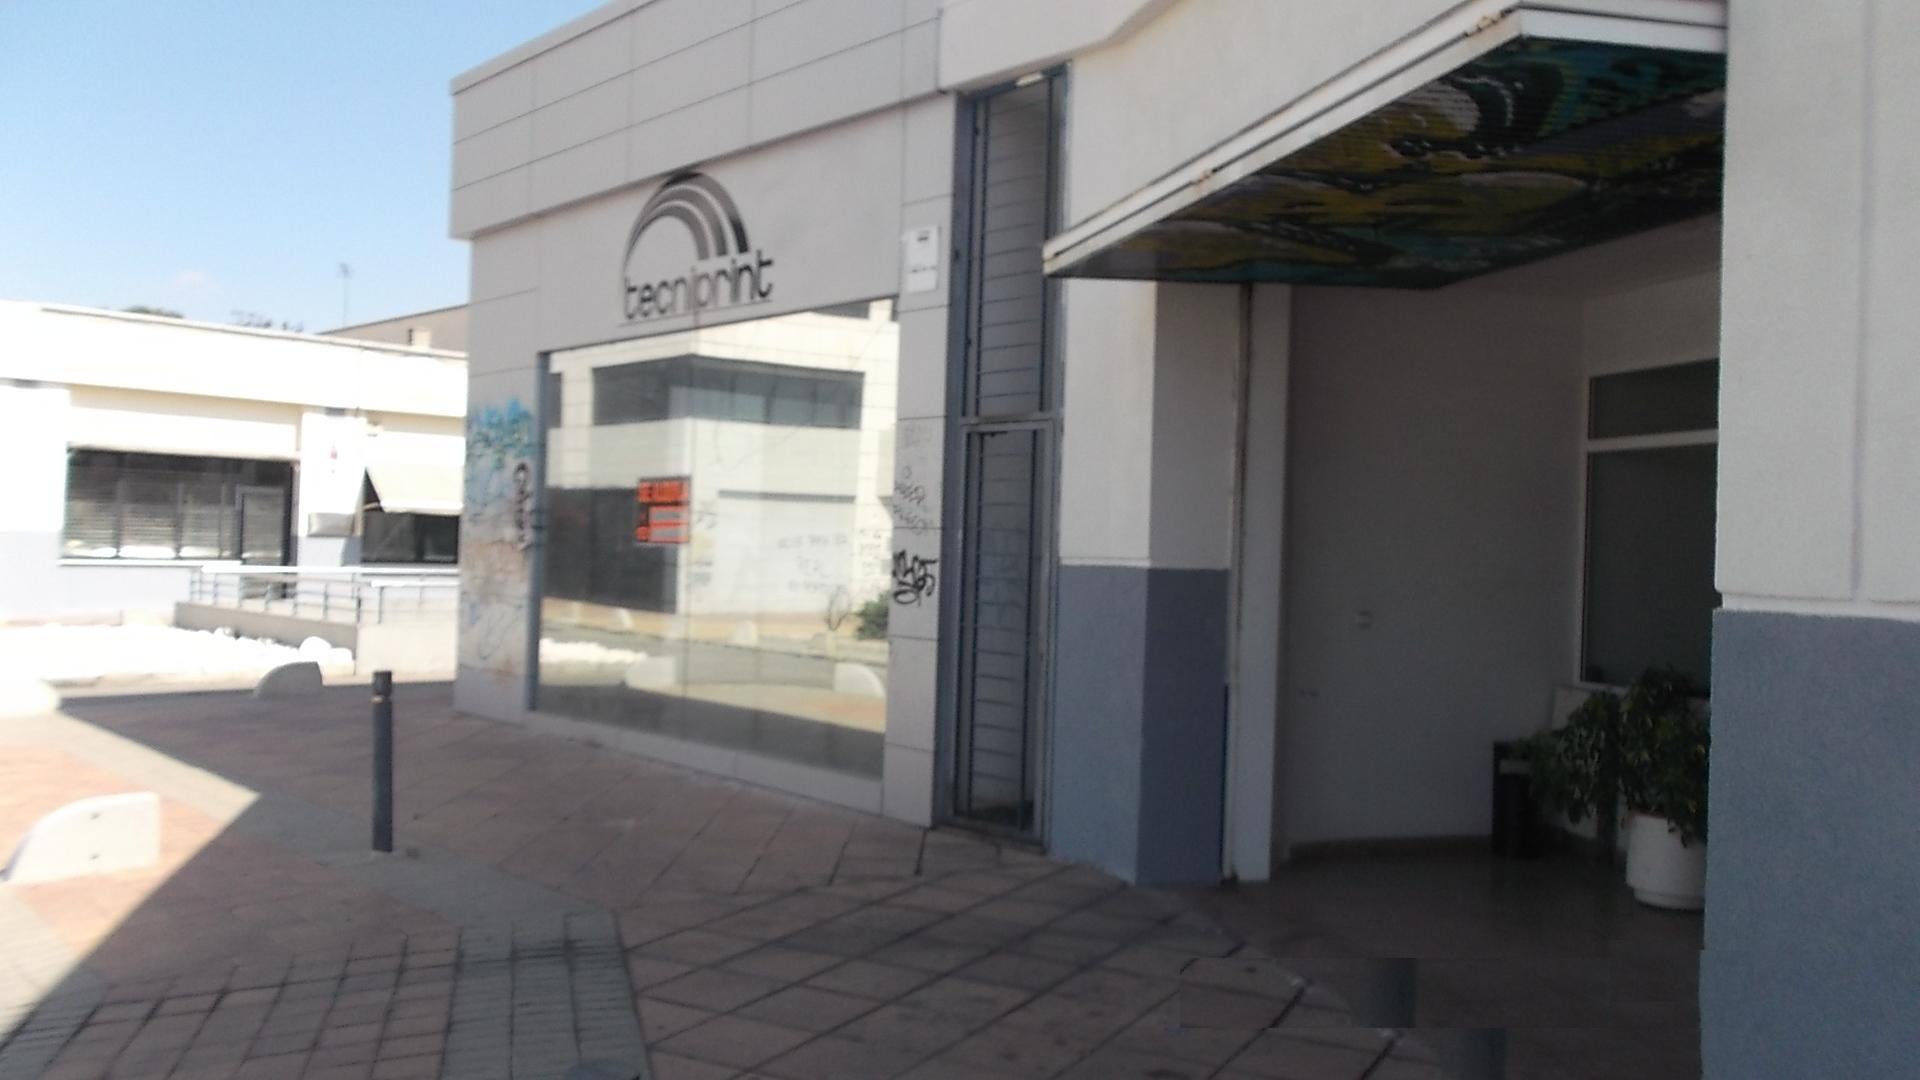 Garaje en Murcia (M79547) - foto2